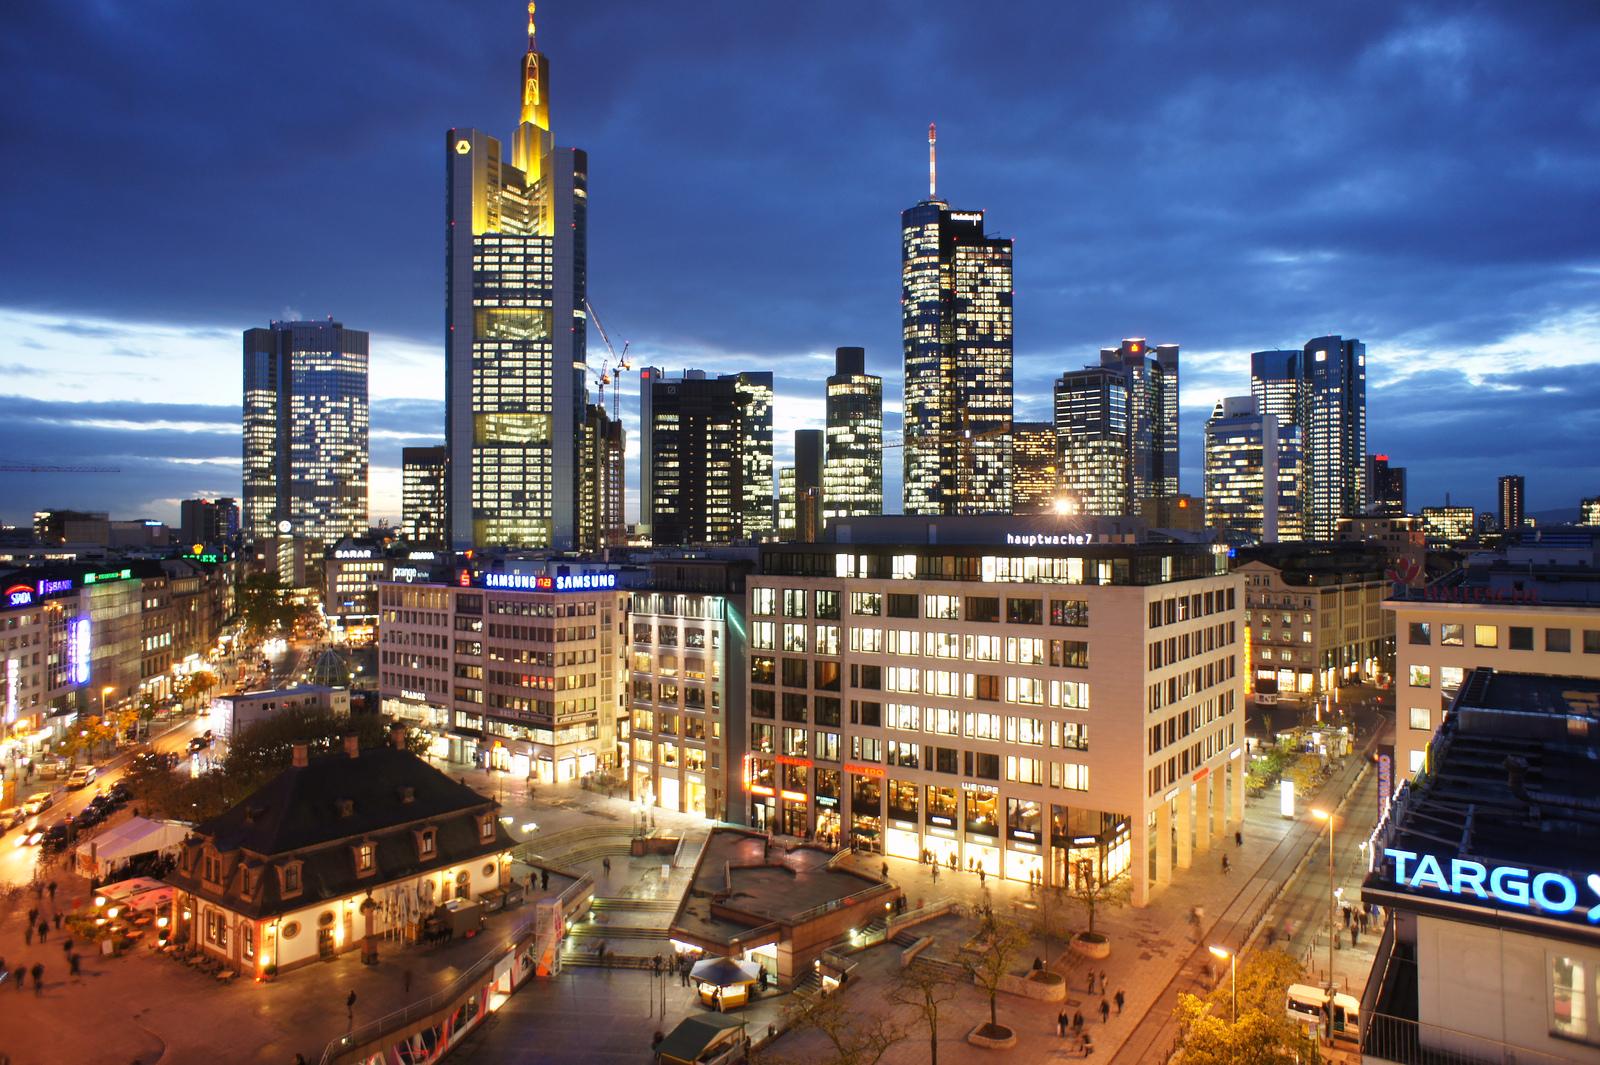 Primeira pesquisa de hotéis em Frankfurt, Alemanha